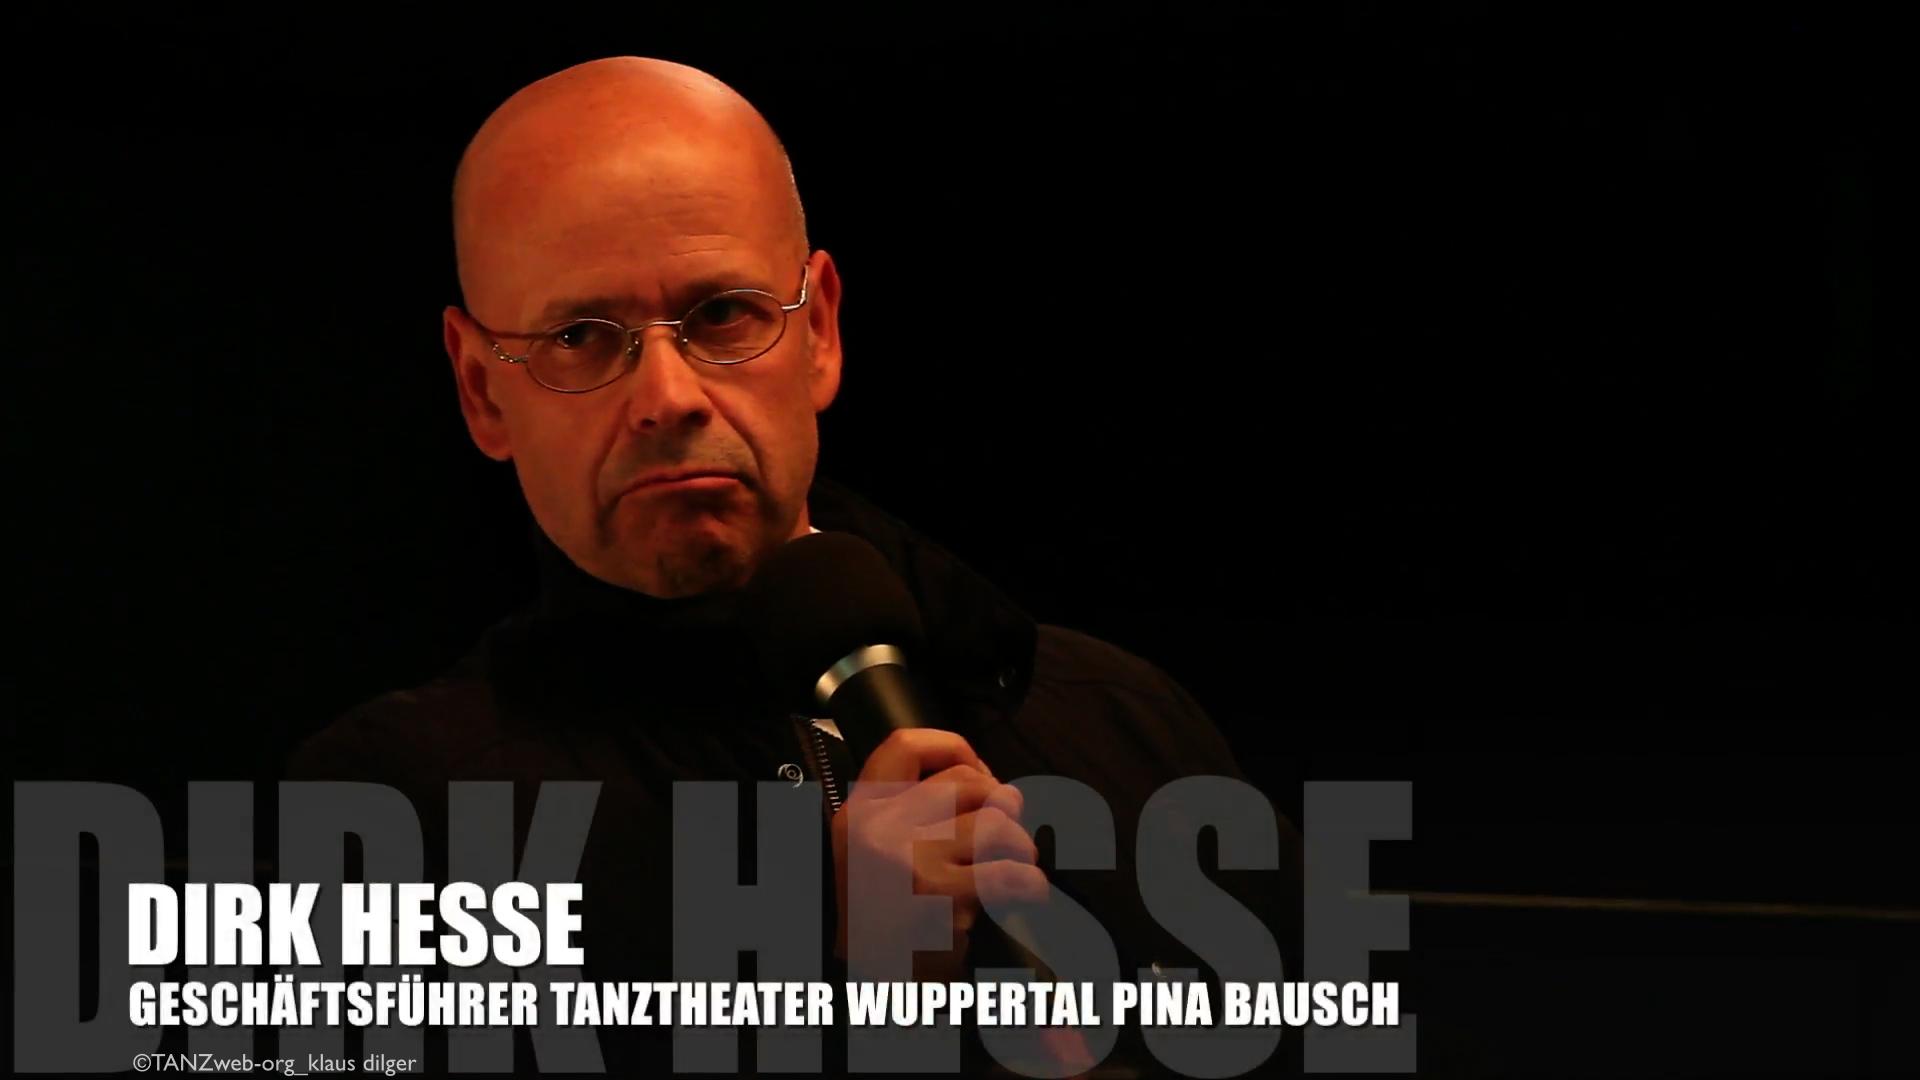 ...noch nicht lange her: Geschäftsführer Dirk Hesse bei der Vorstellung von Adolphe Binder als neue Intendantin und Künstlerische Leiterin